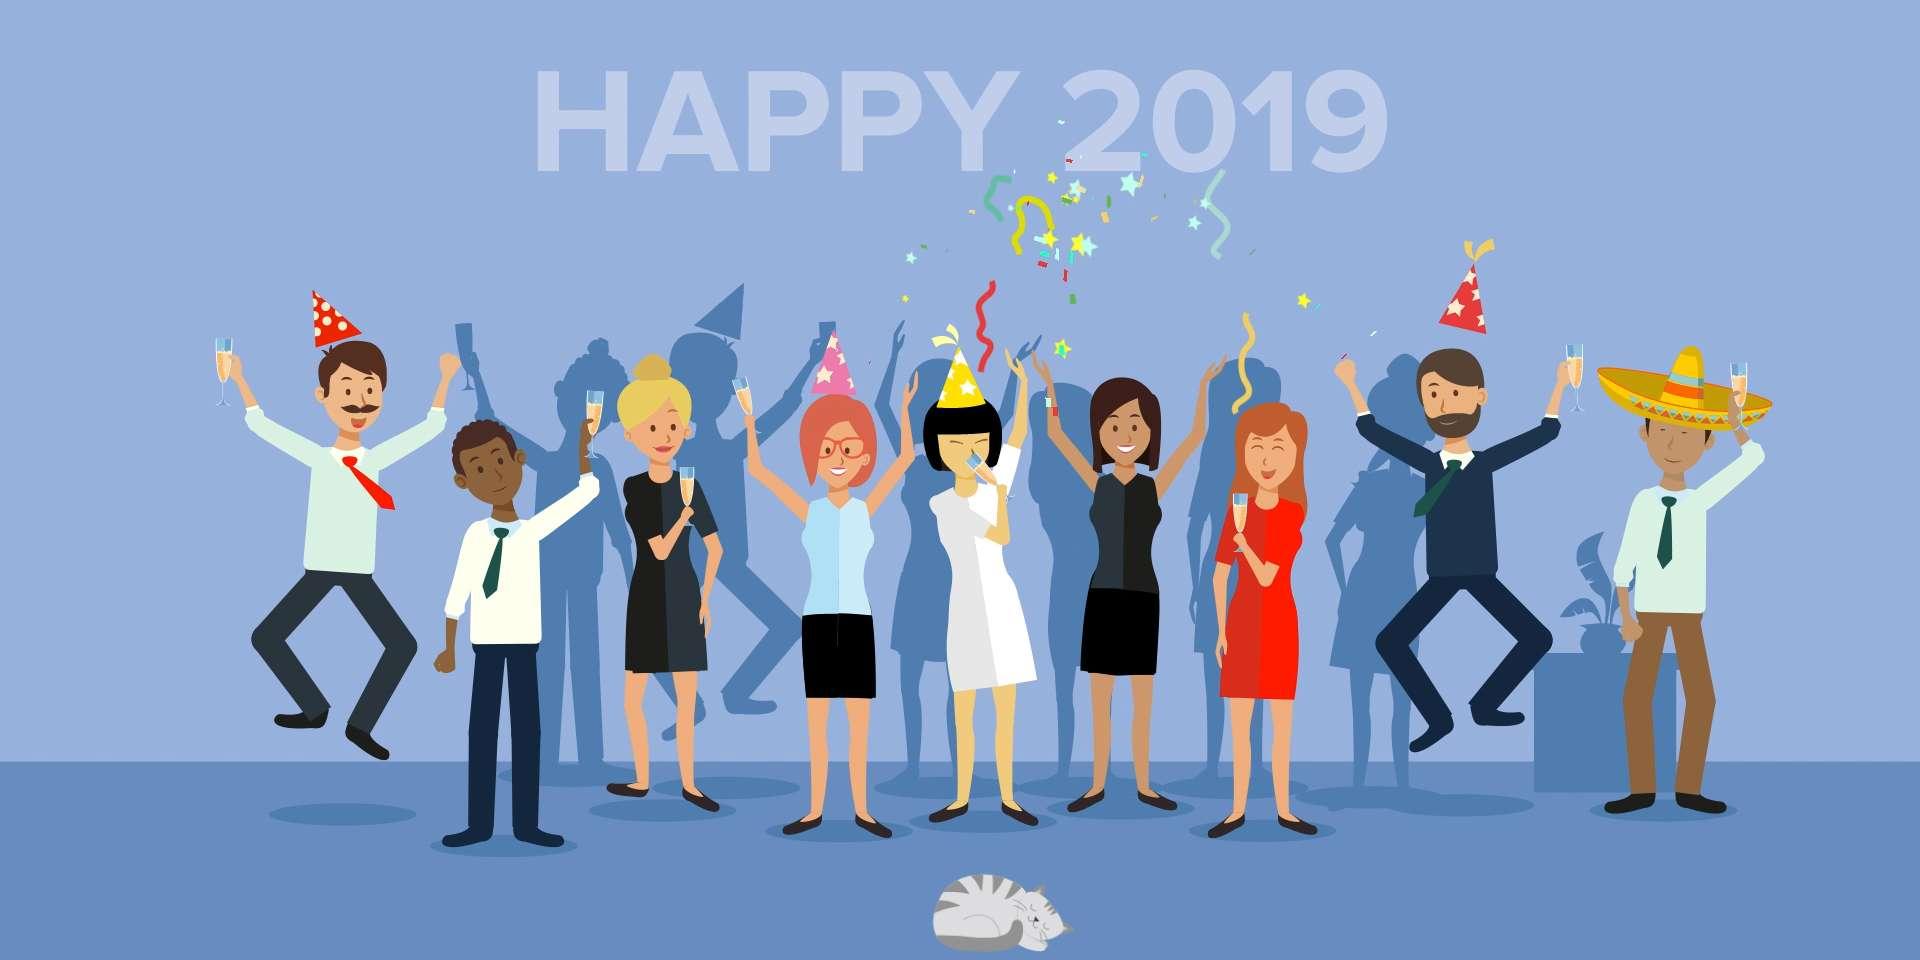 BekaertDeslee wishes you HAPPY HOLIDAYS!